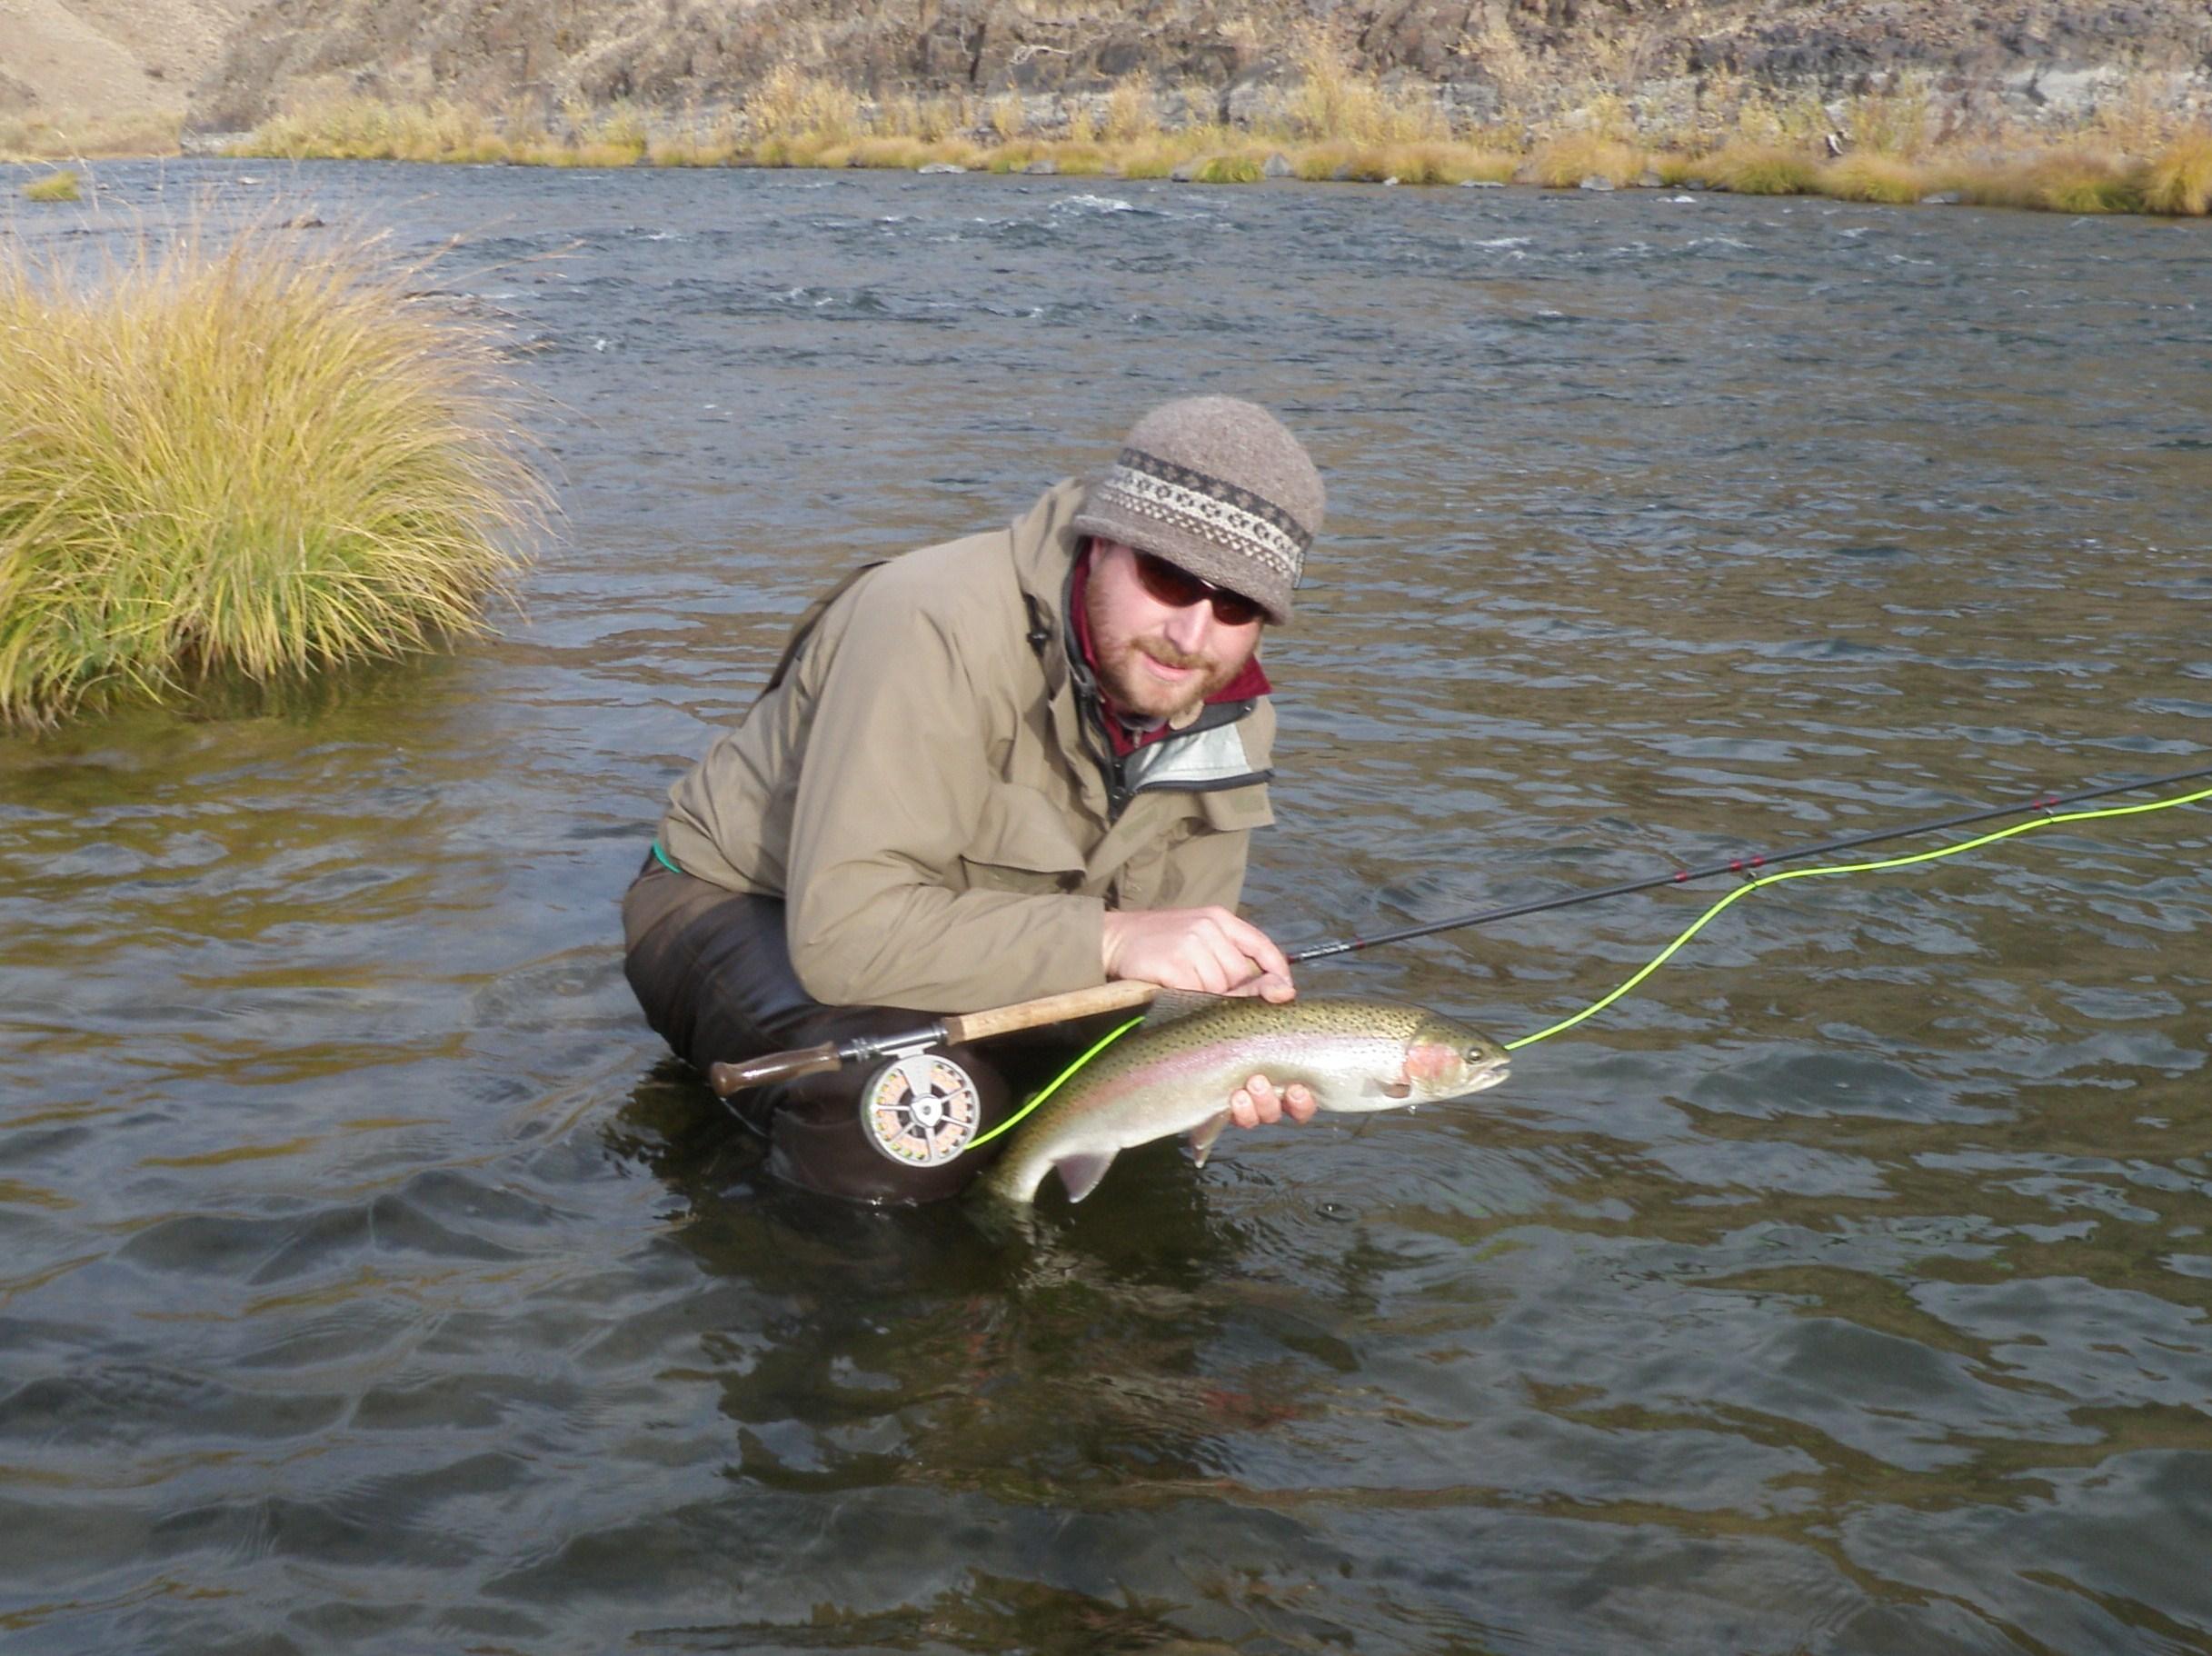 John day river spey rod steelhead the turb memoirs for Bobber fishing for steelhead